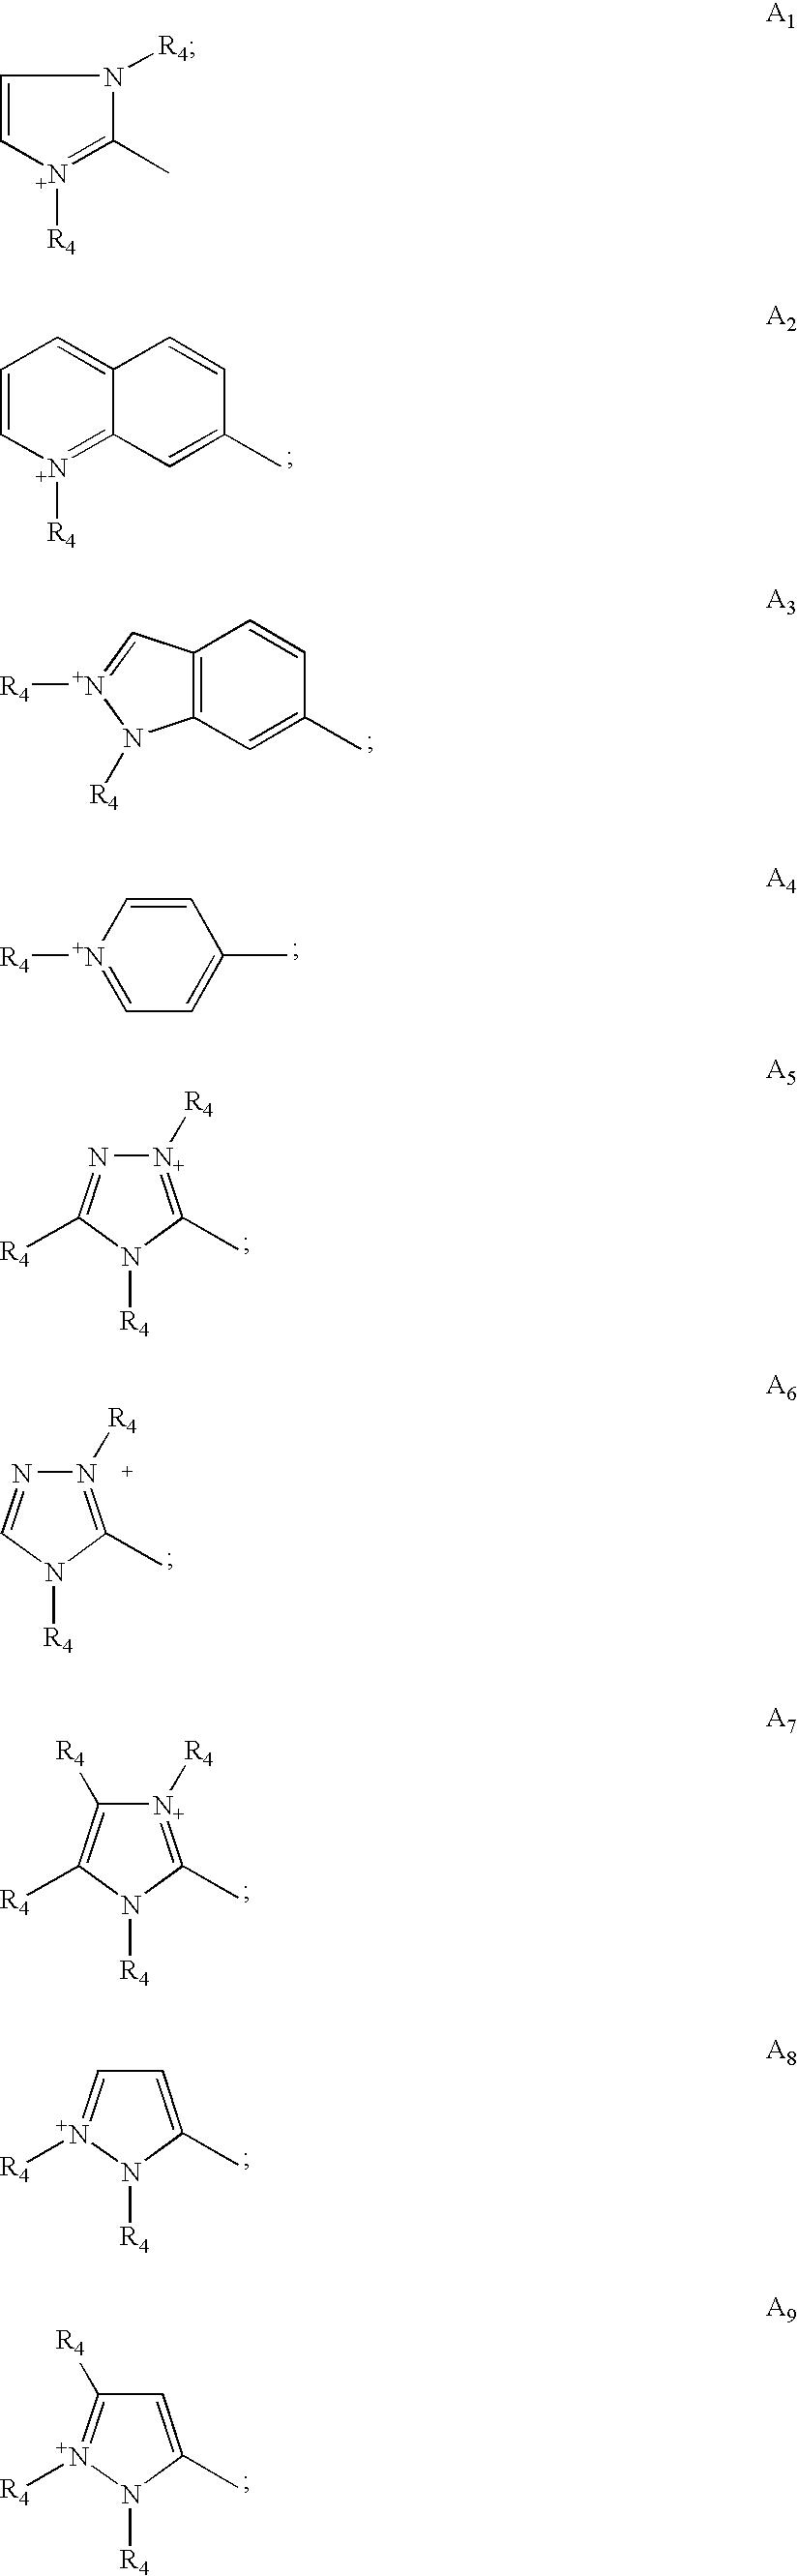 Figure US20090158533A1-20090625-C00006